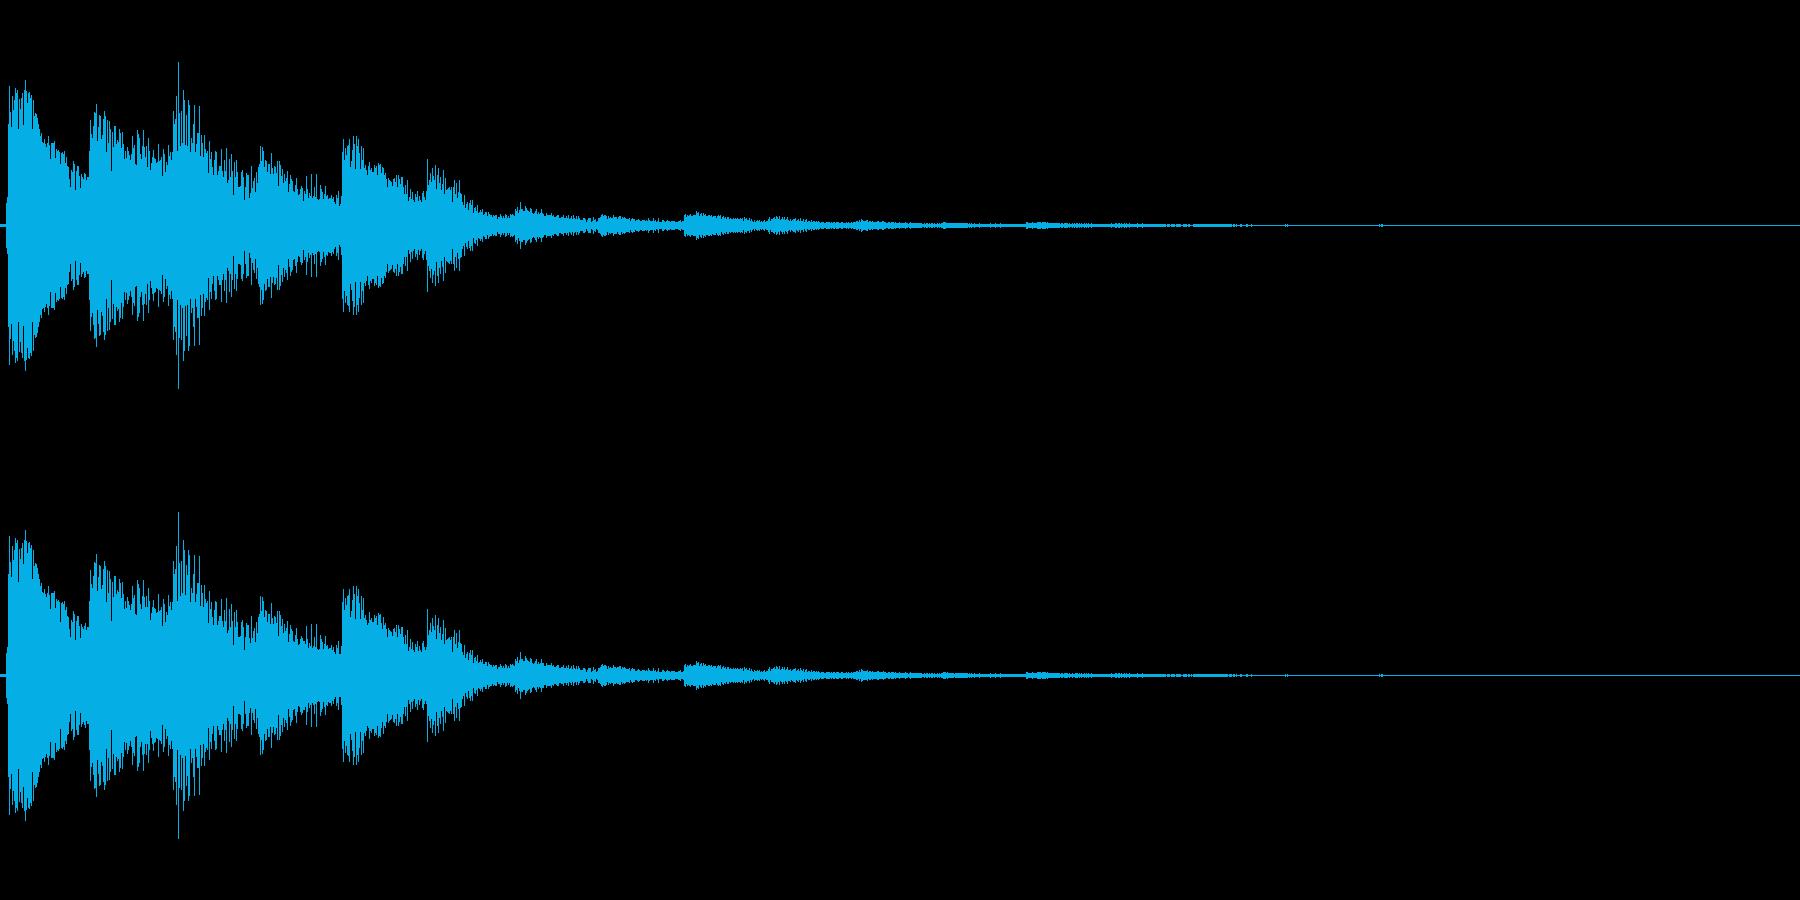 明るい響きのアラーム音(エコー付き)の再生済みの波形